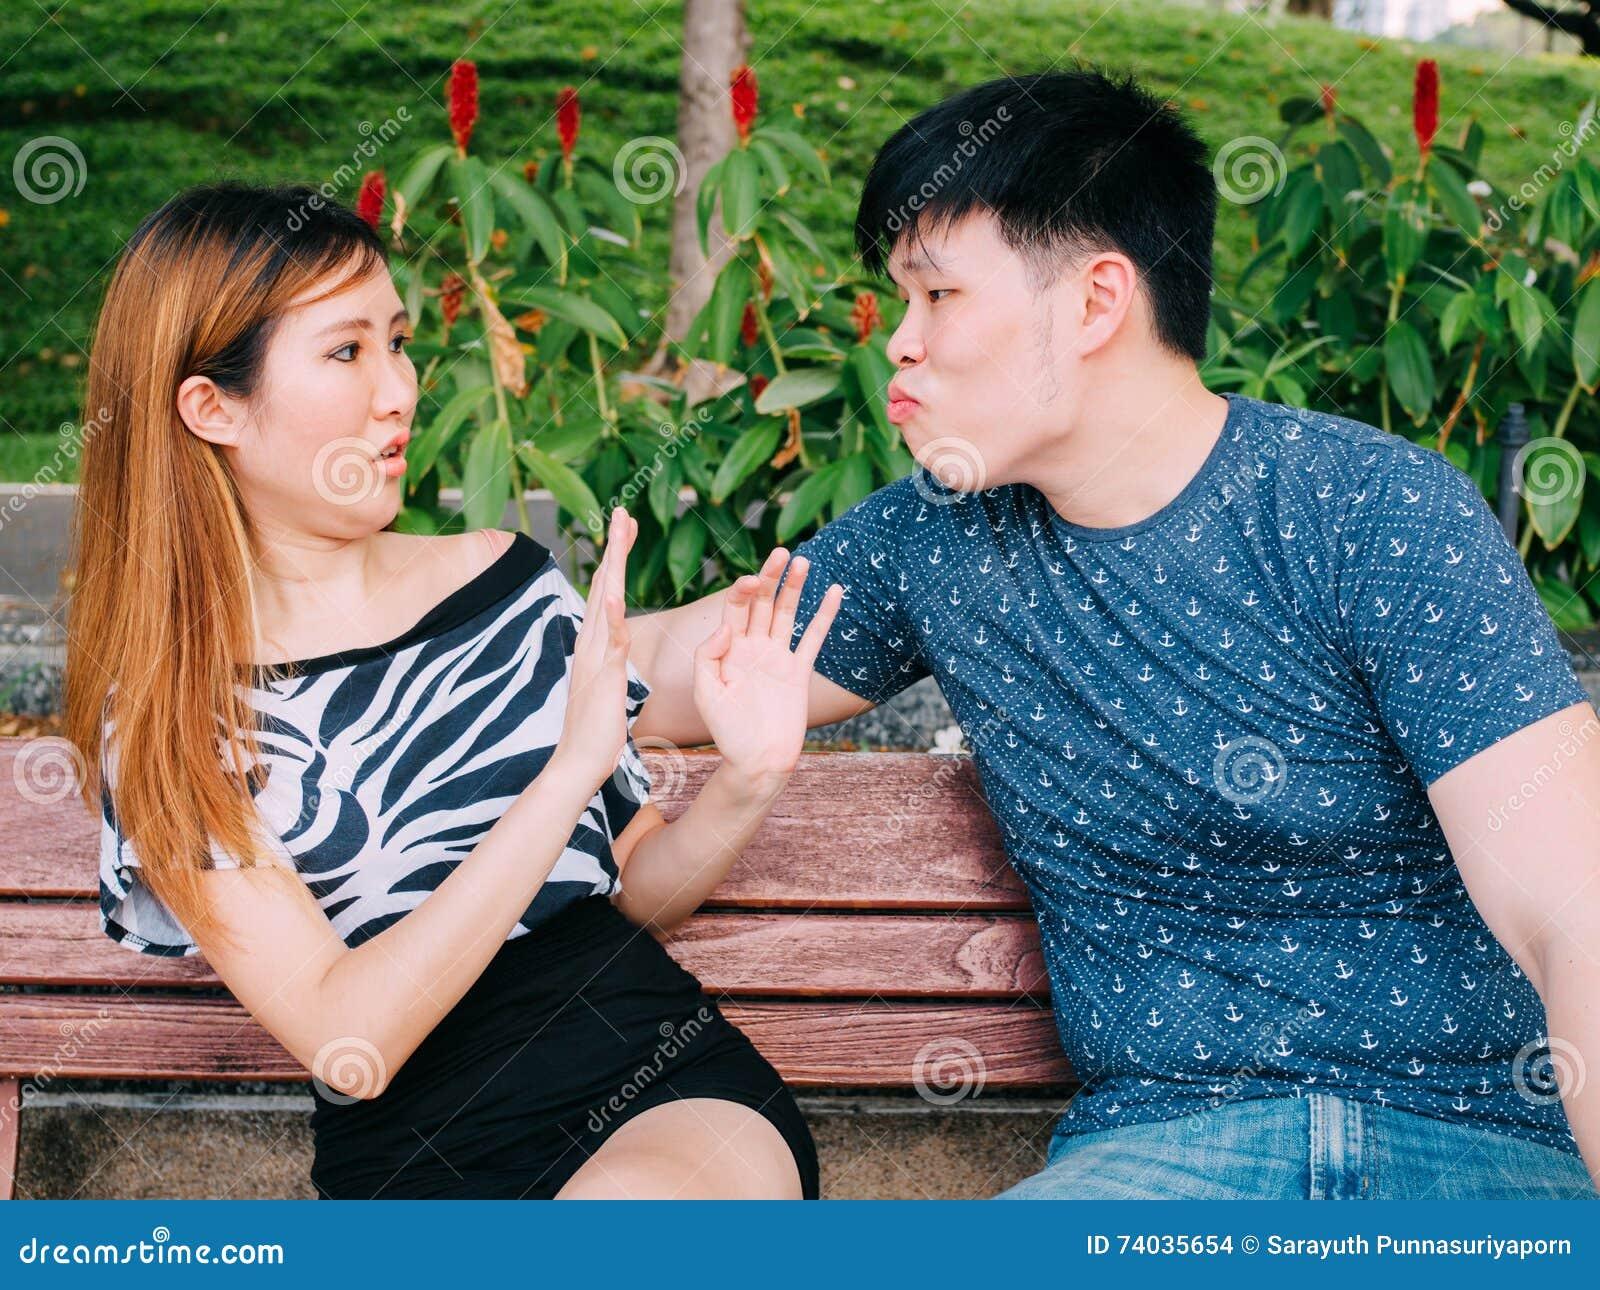 Dating ein asiatischer Kerl Beratung Online-Dating-Mädchen in Bangalore